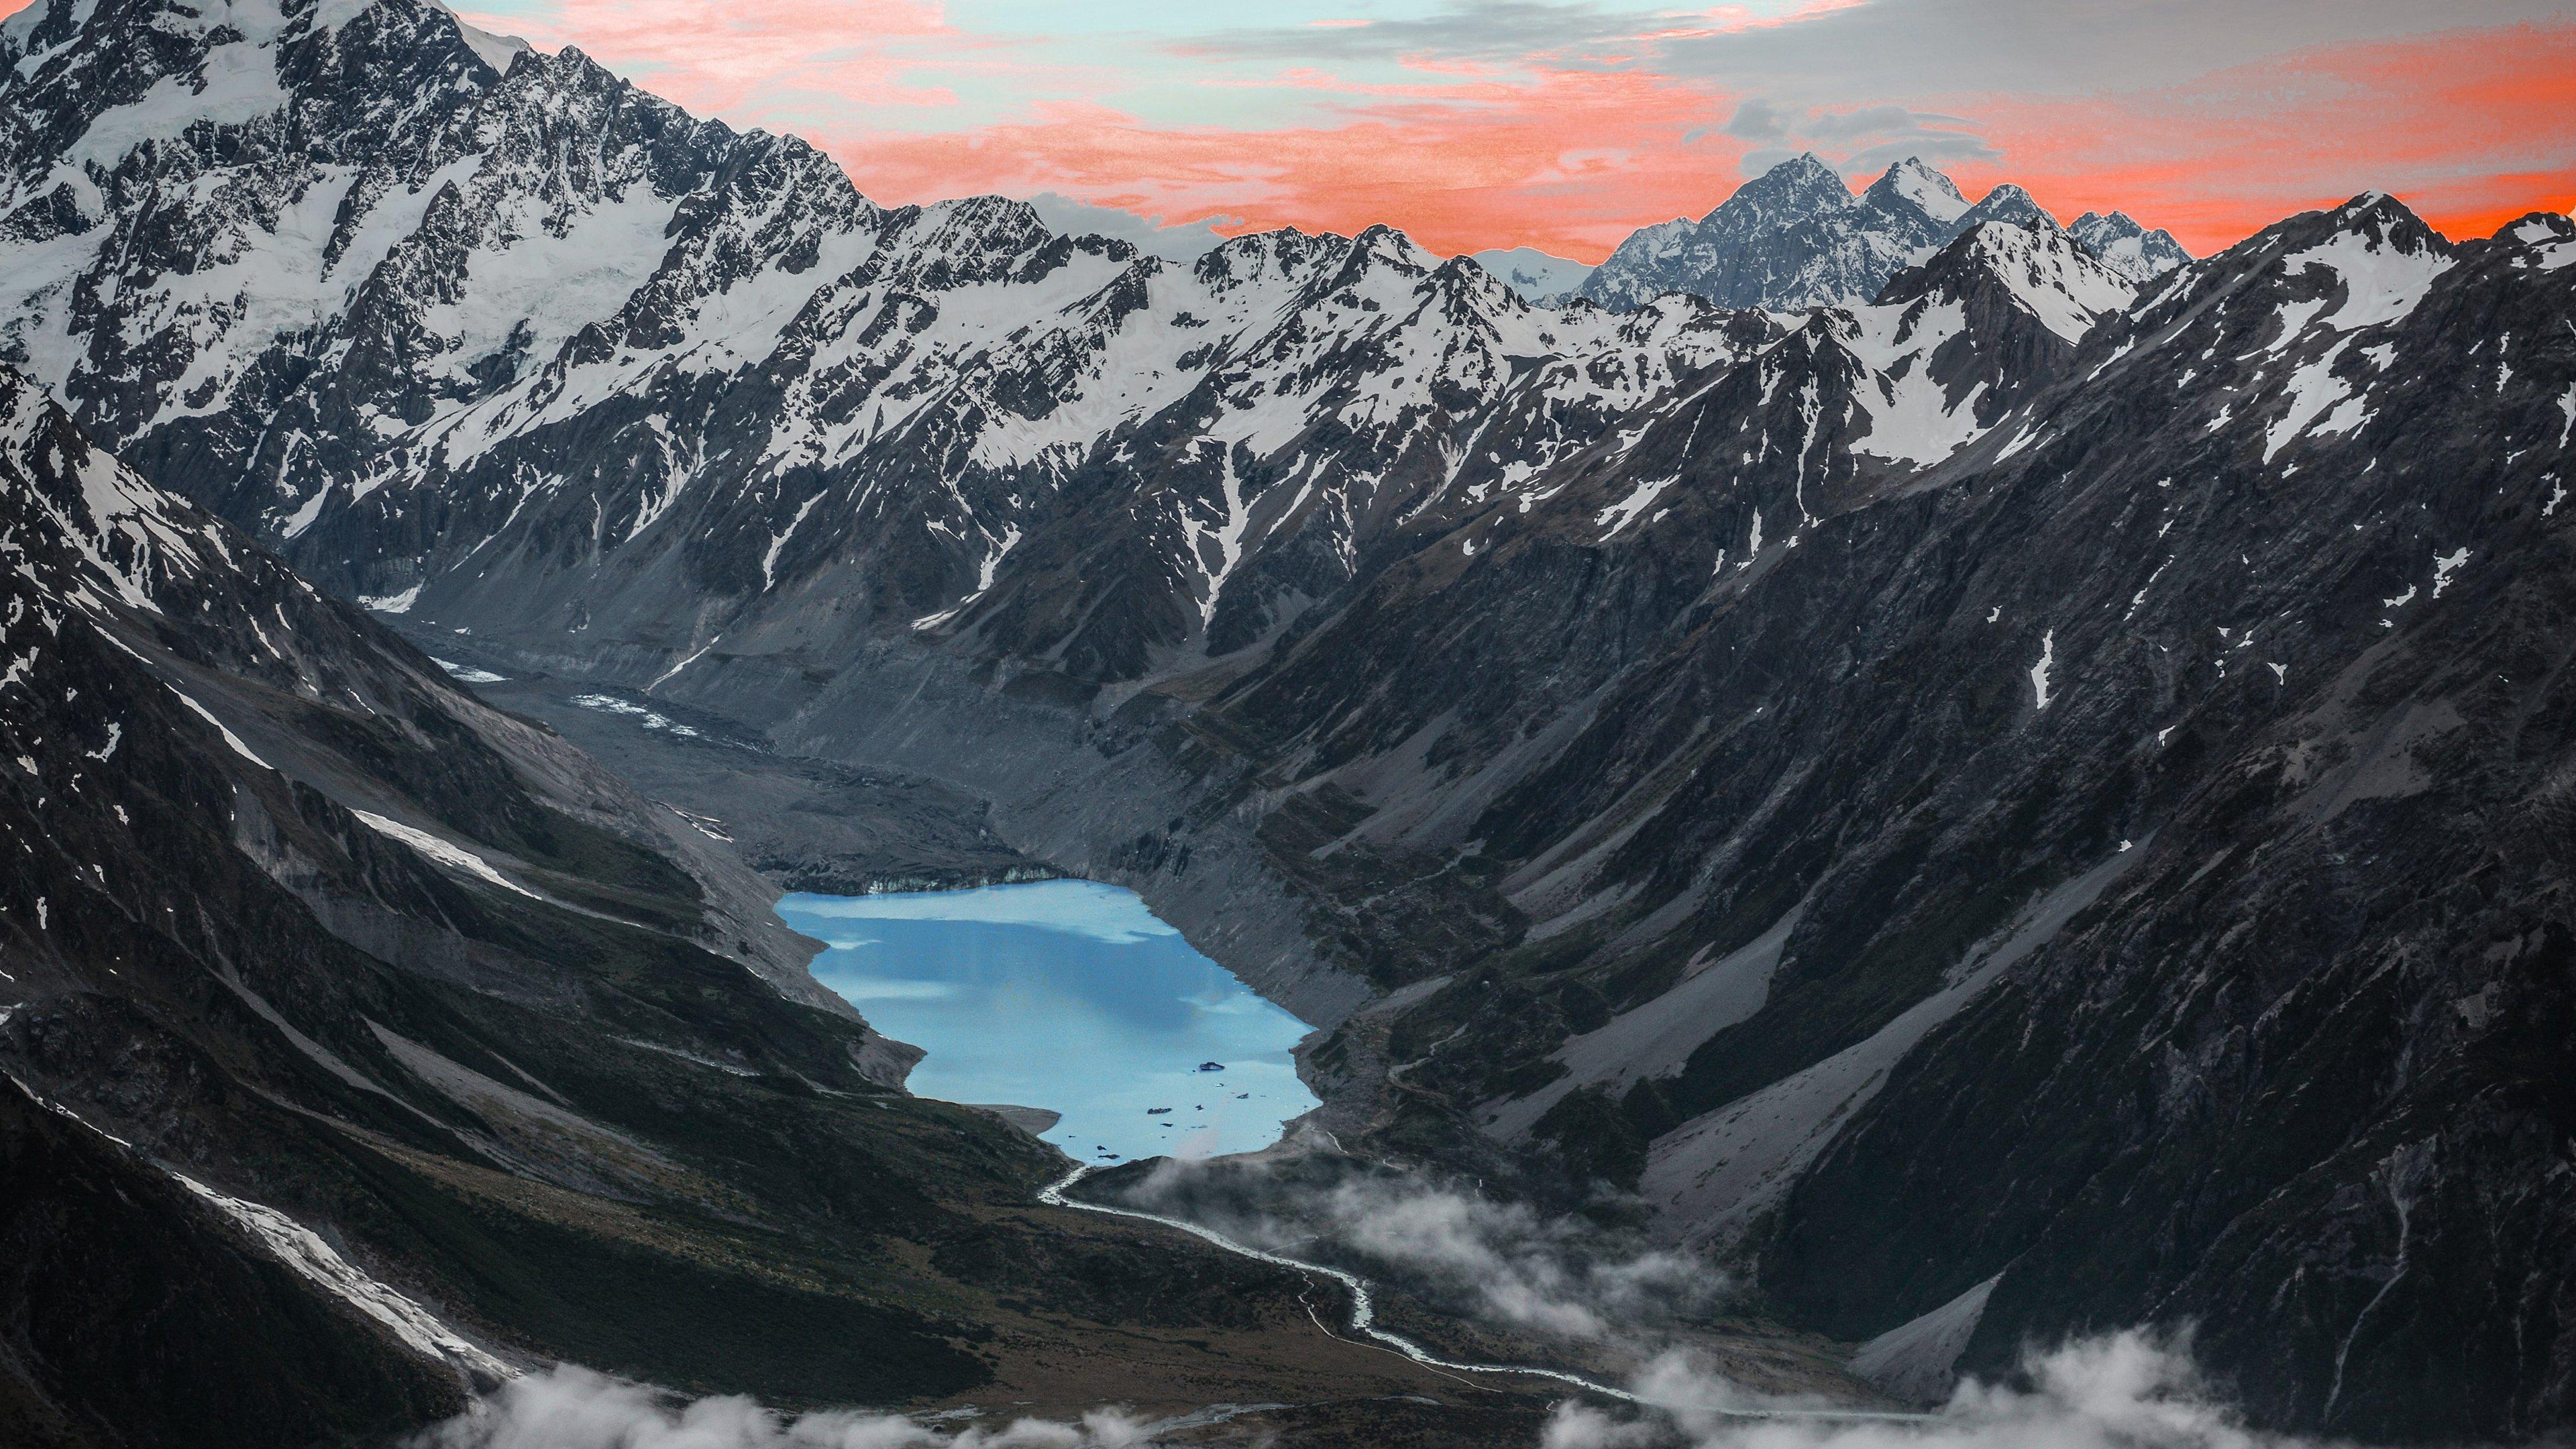 Fondos de pantalla Montañas junto a un lago al atardecer